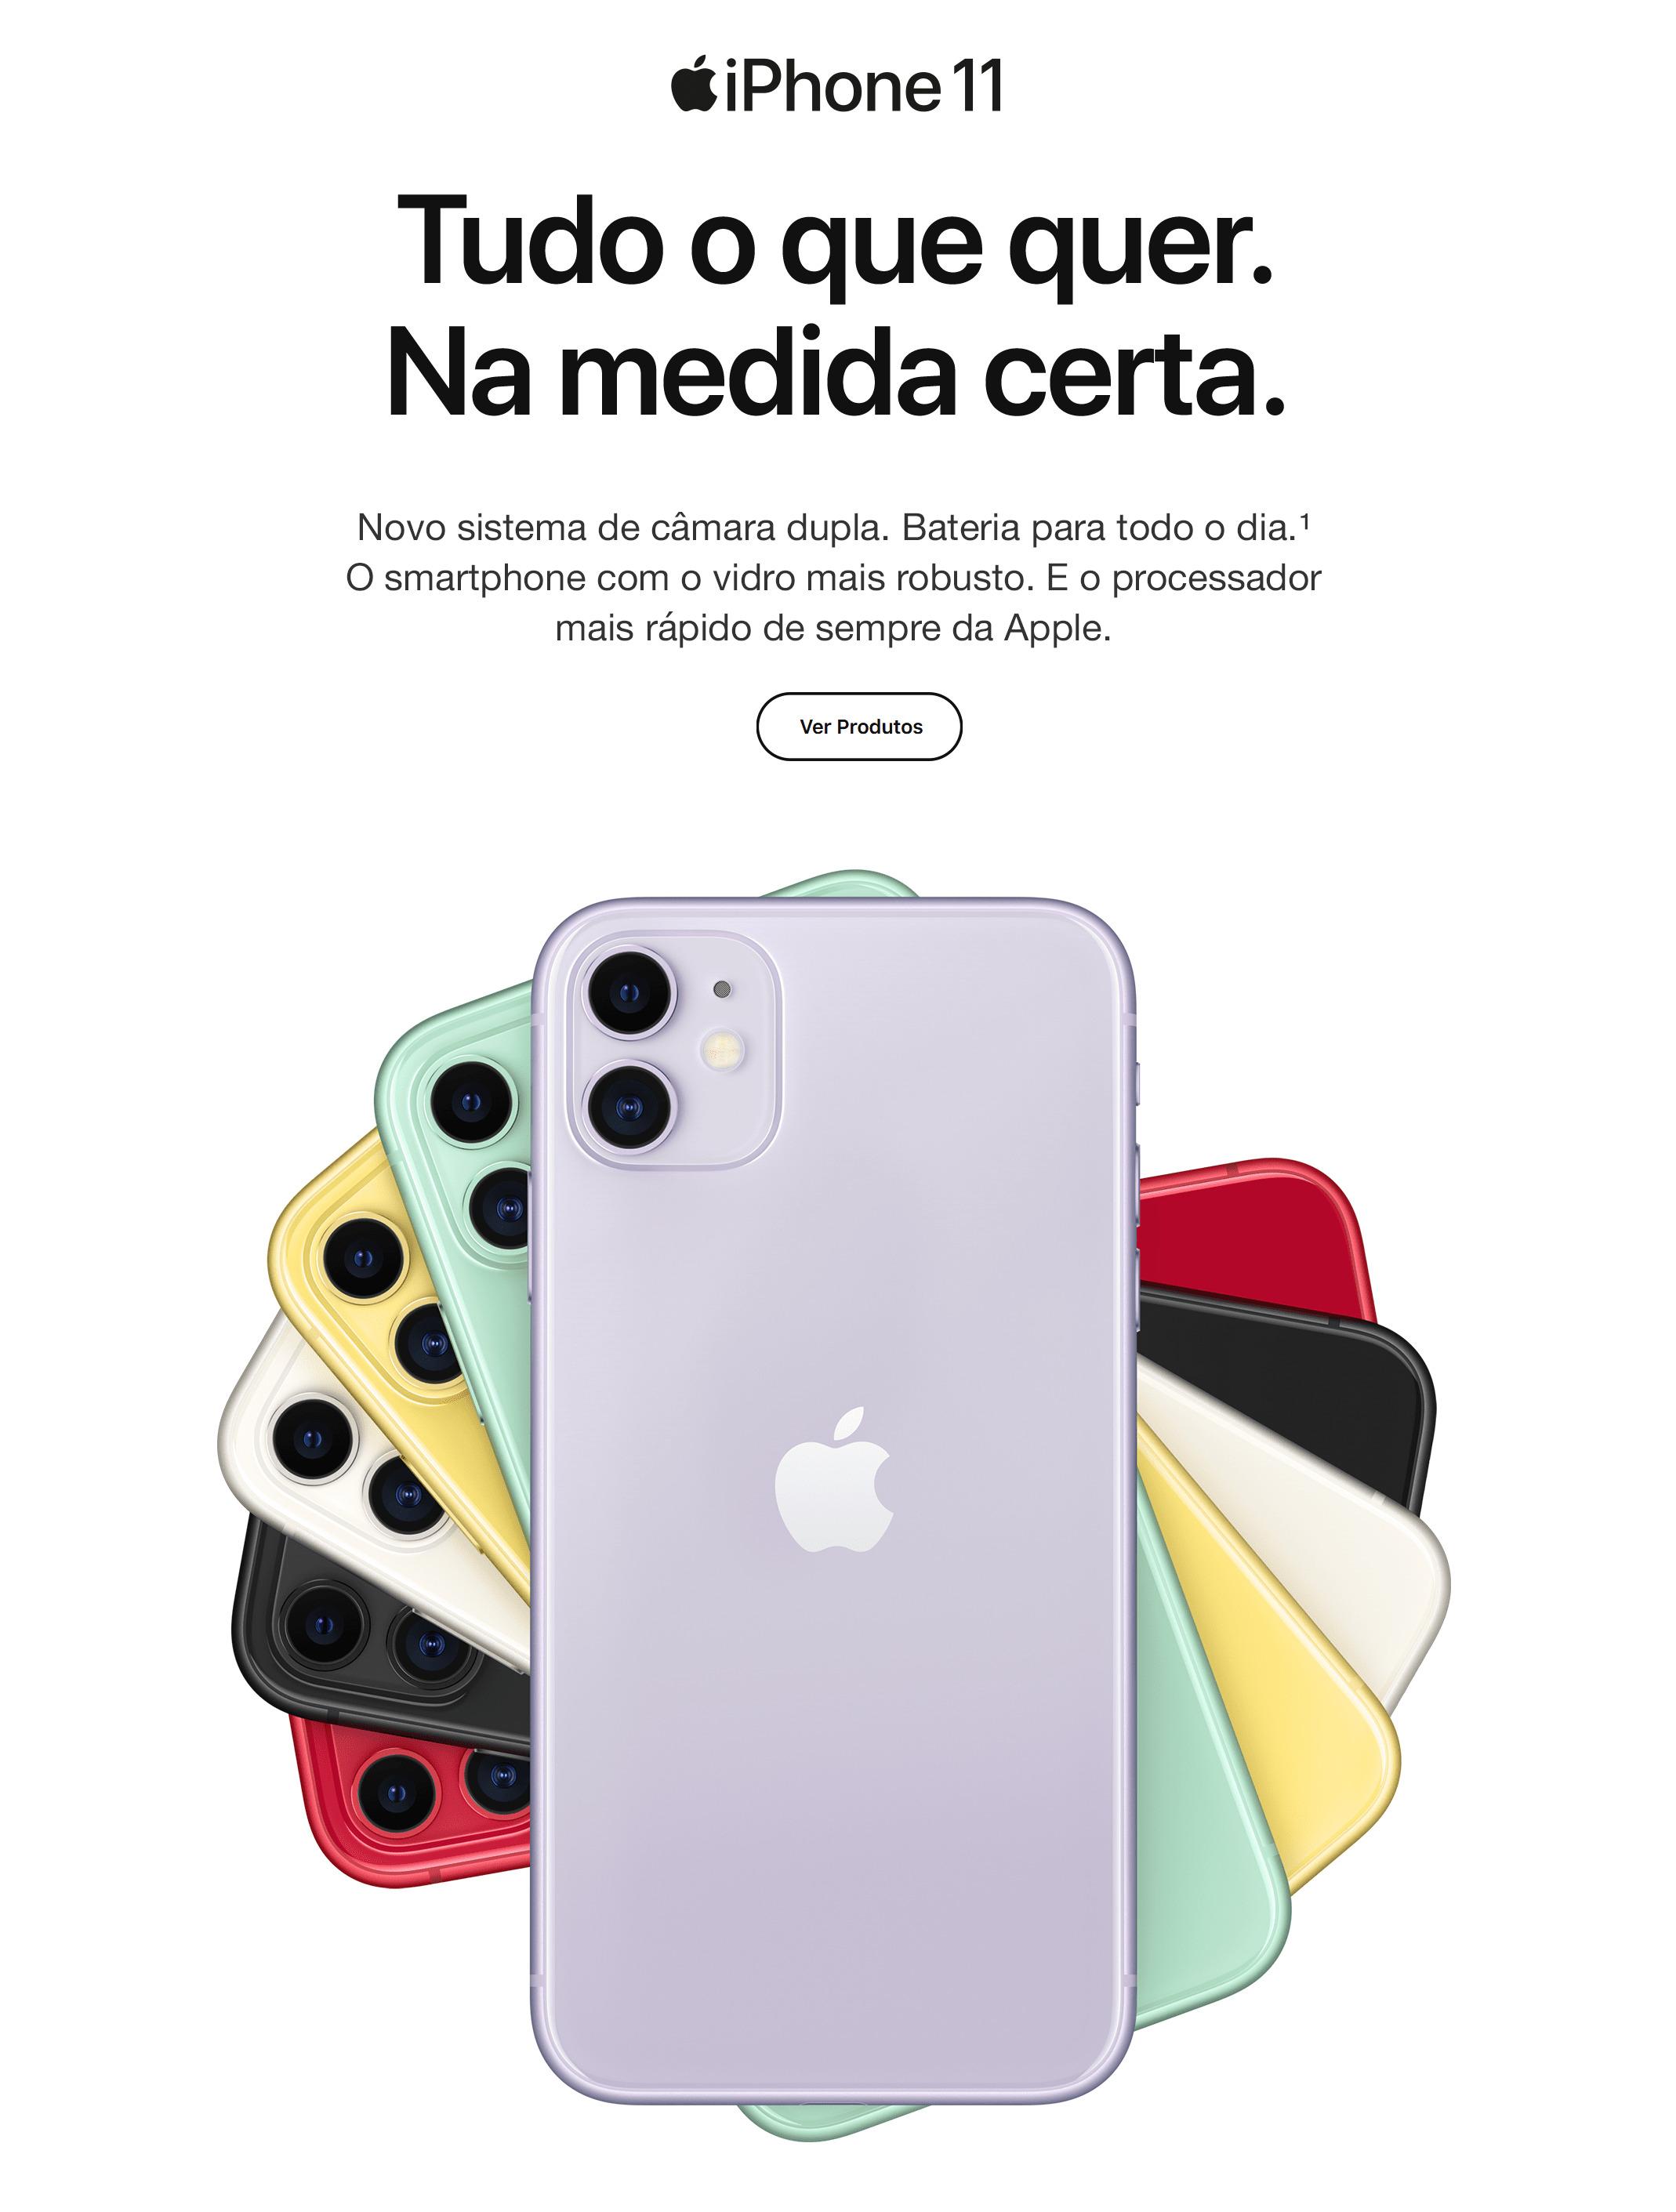 Novo iPhone 11. O smartphone com o vidro mais robusto.